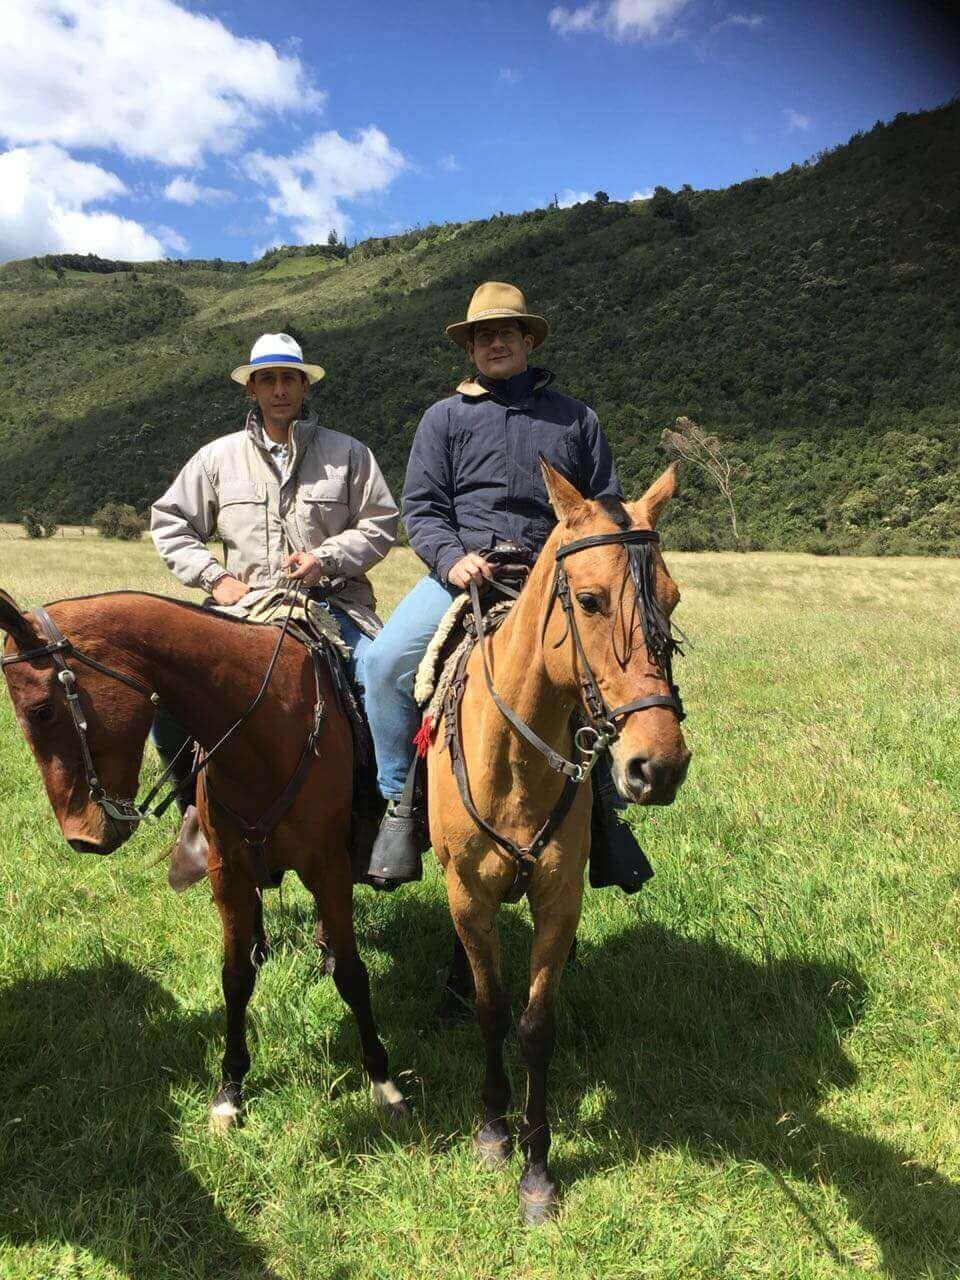 Meet the Team: The Ecuadorian Gentleman – Ernesto 'Neto' Teran